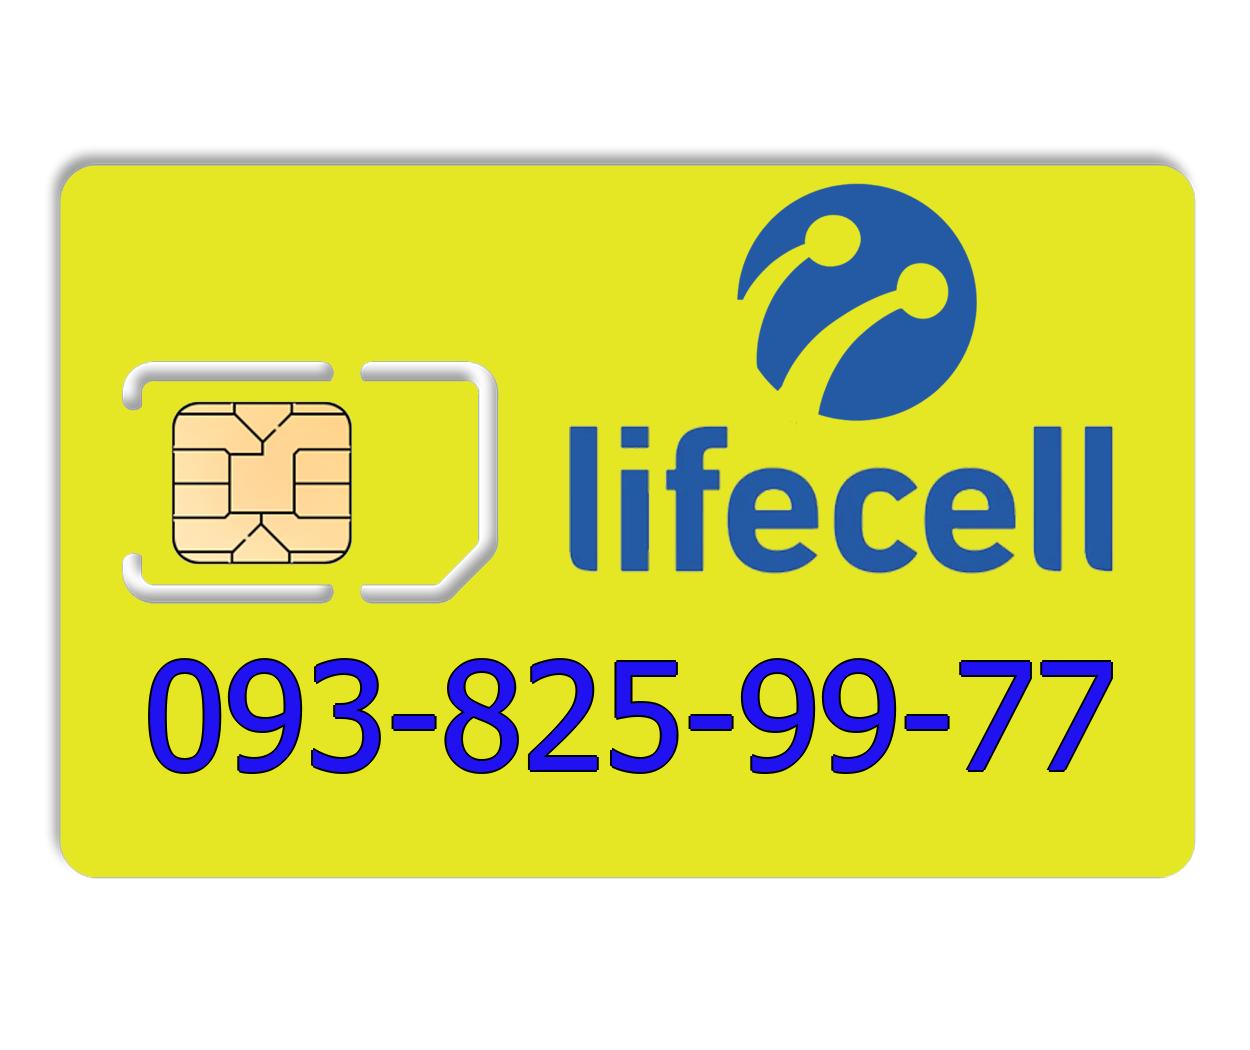 Красивый номер lifecell 093-825-99-77